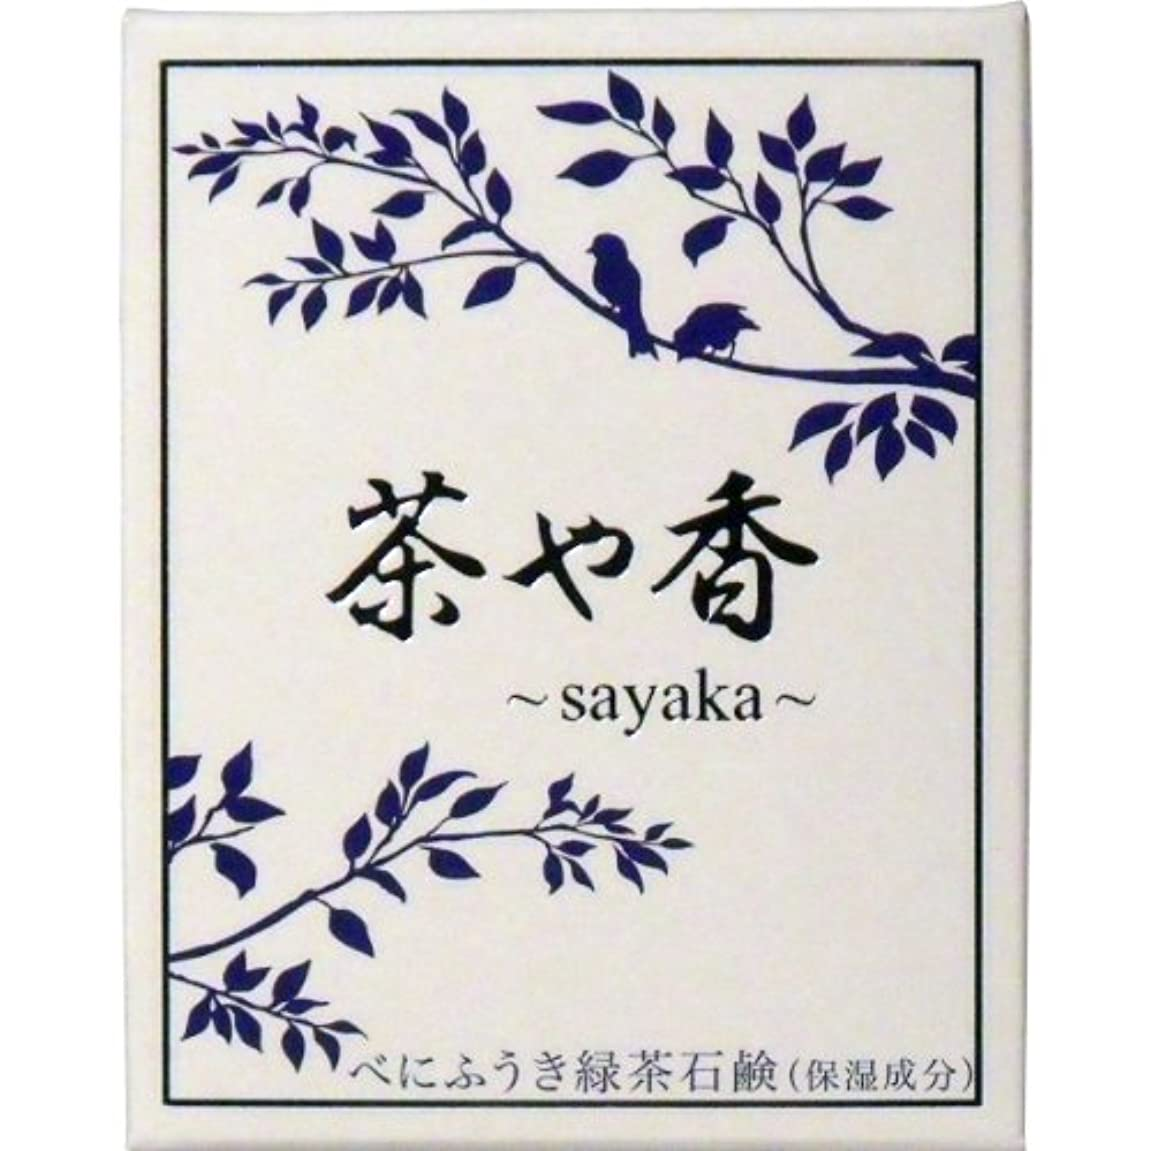 日曜日約に向けて出発茶や香 -sayaka- べにふうき緑茶石鹸 100g入 ×10個セット